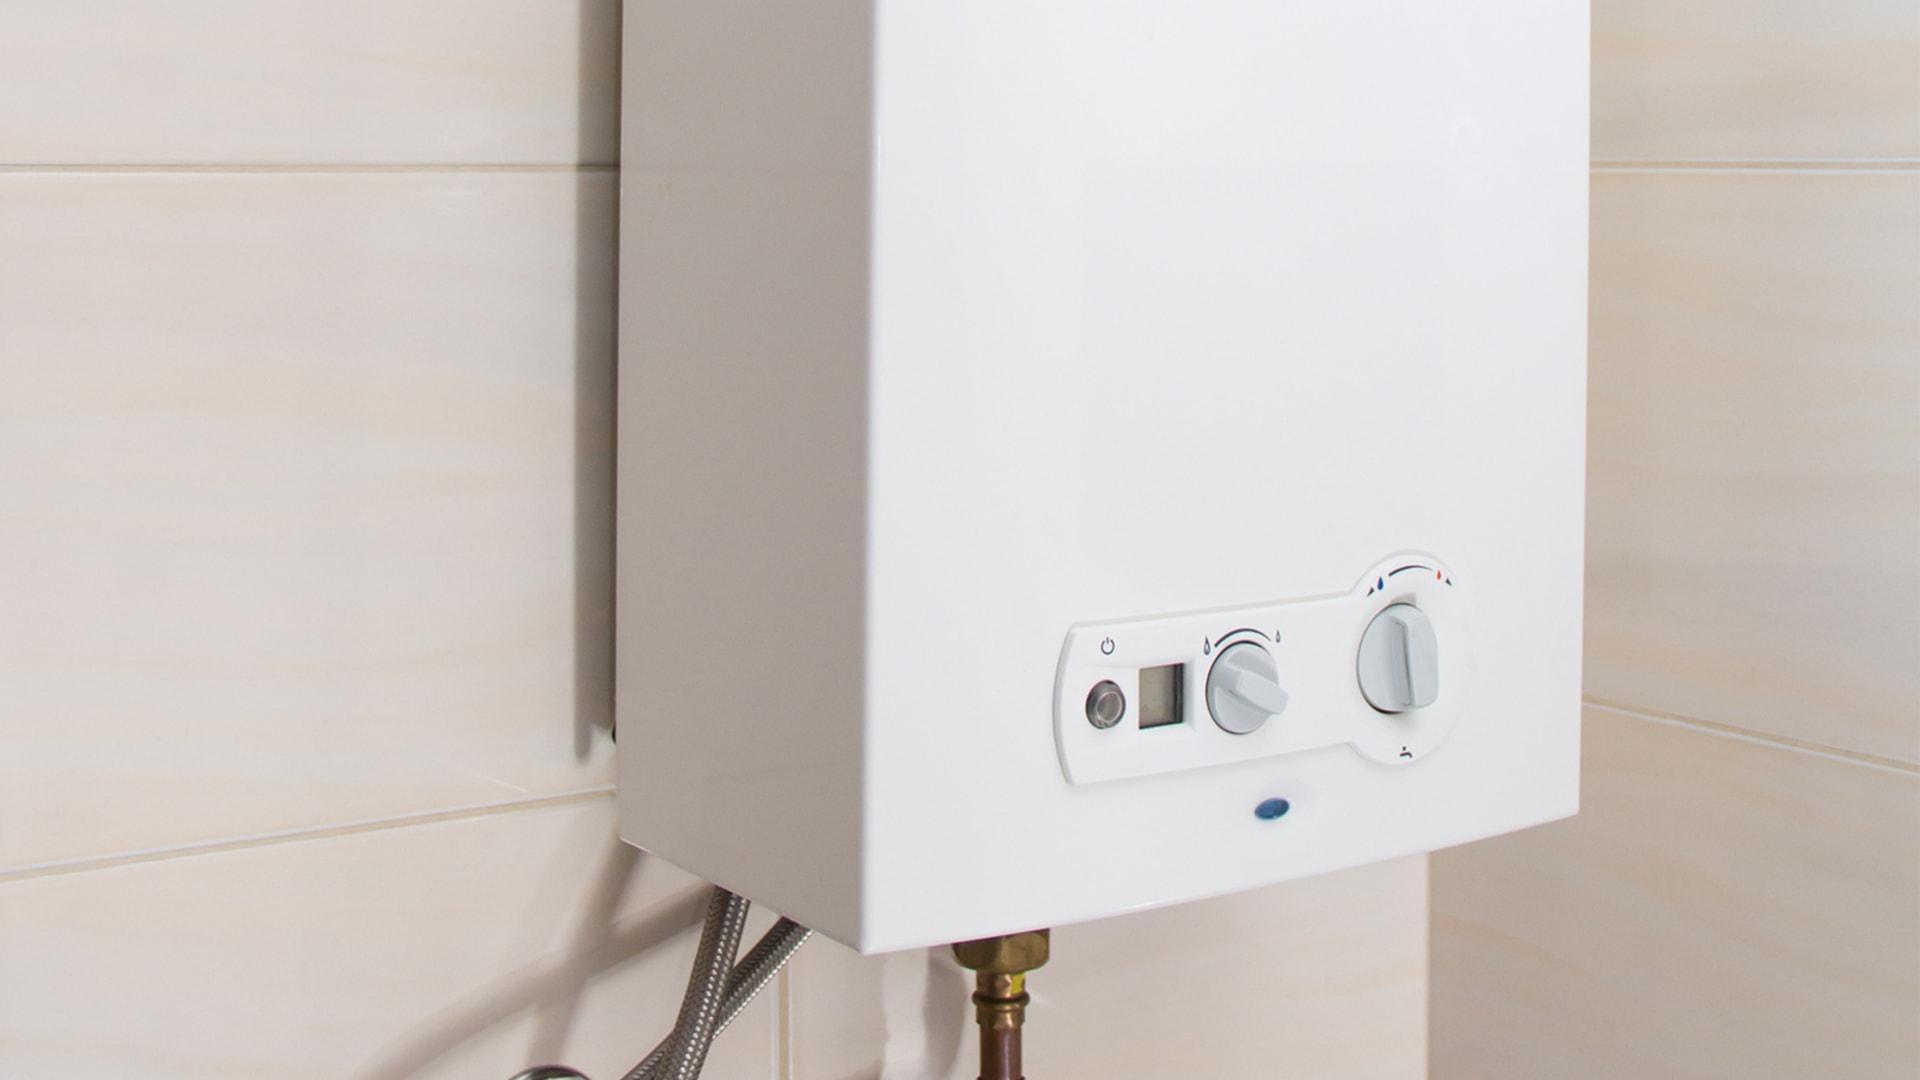 Remplacement de chauffe-eau à gaz